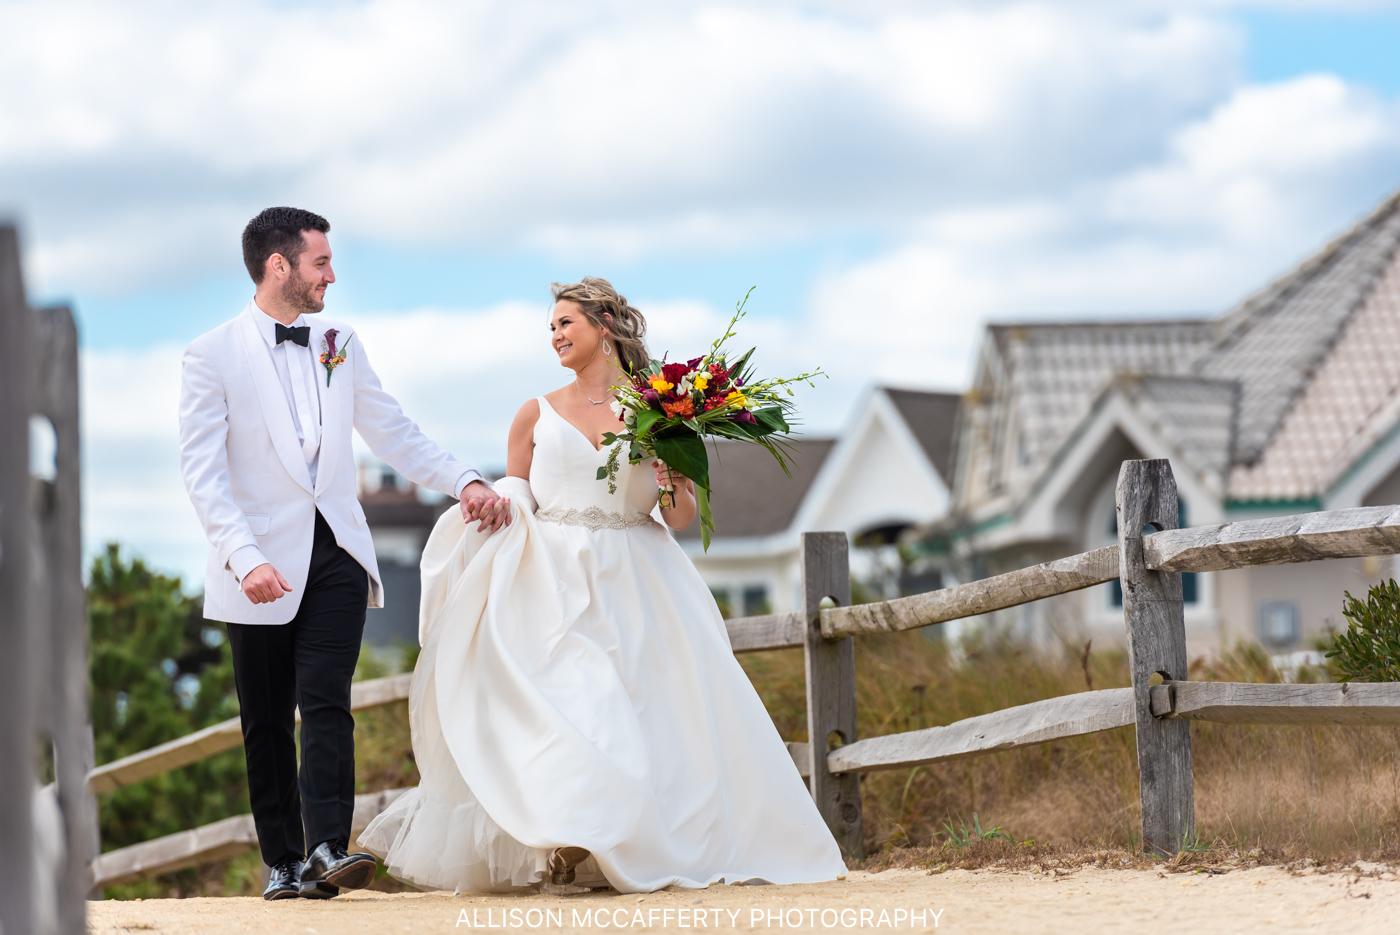 Sarah & Andrew's Wedding at the ICONA Avalon